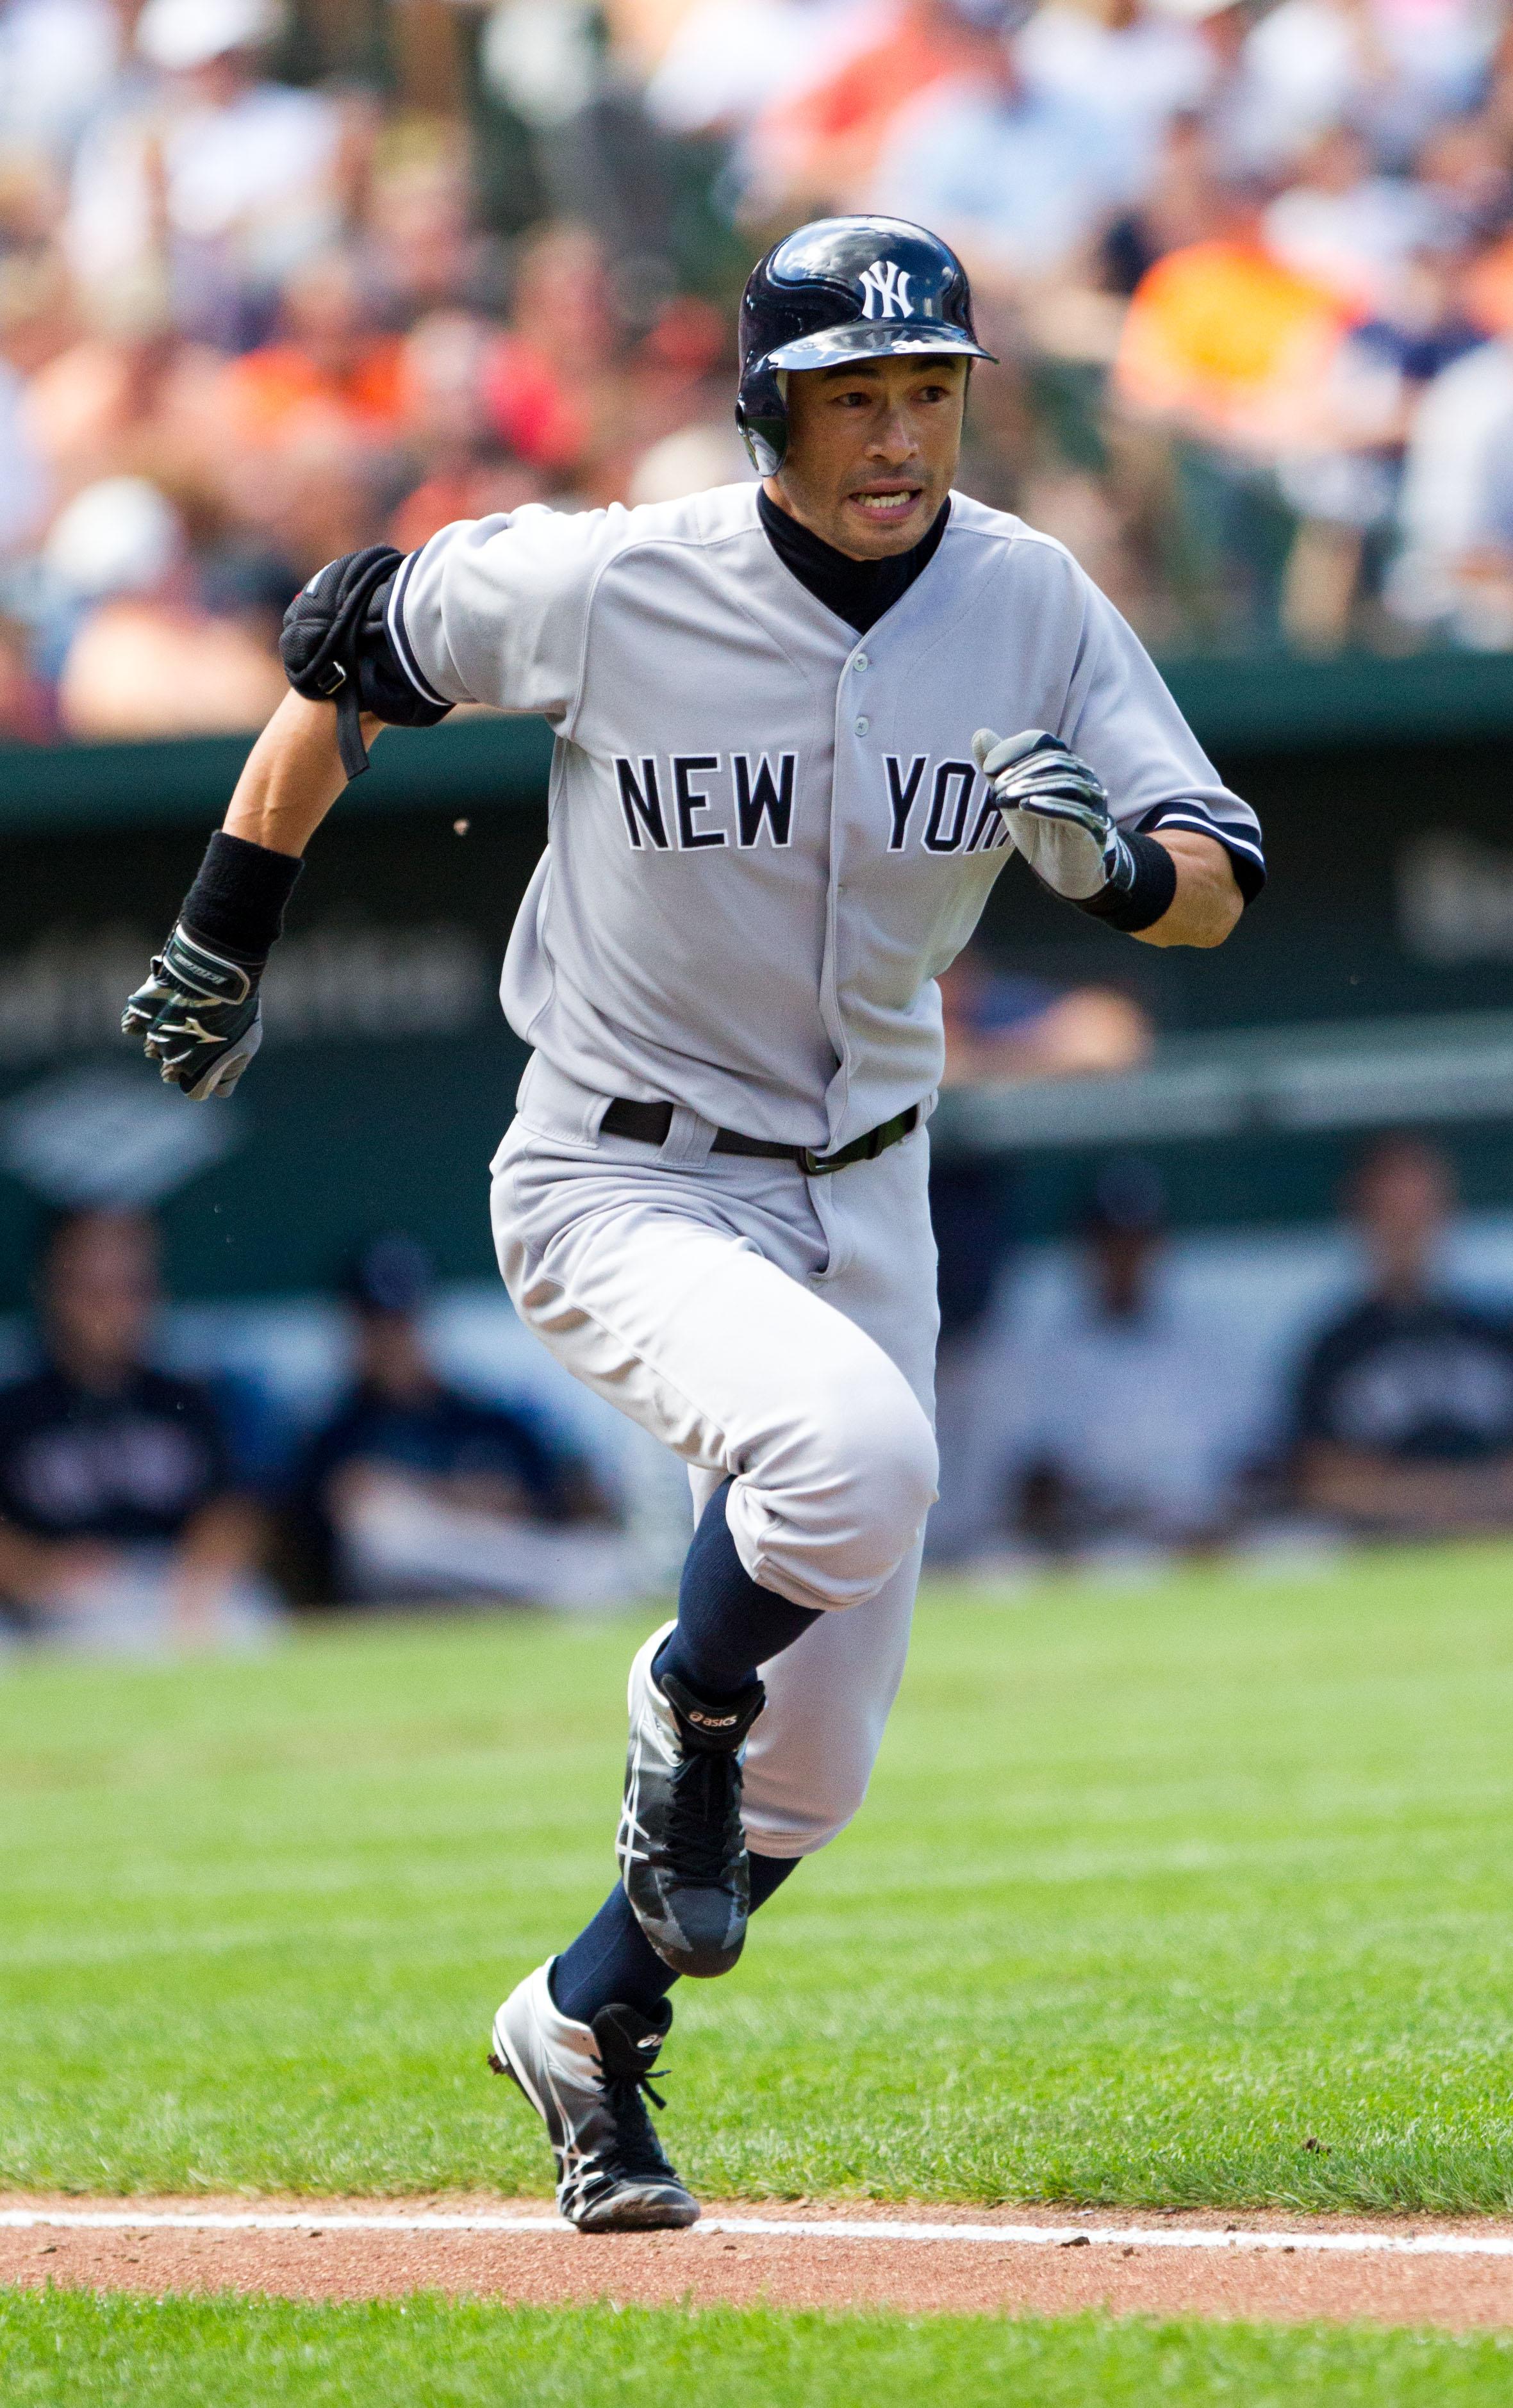 File:Ichiro Suzuki on September 9, 2012.jpg - Wikimedia Commons